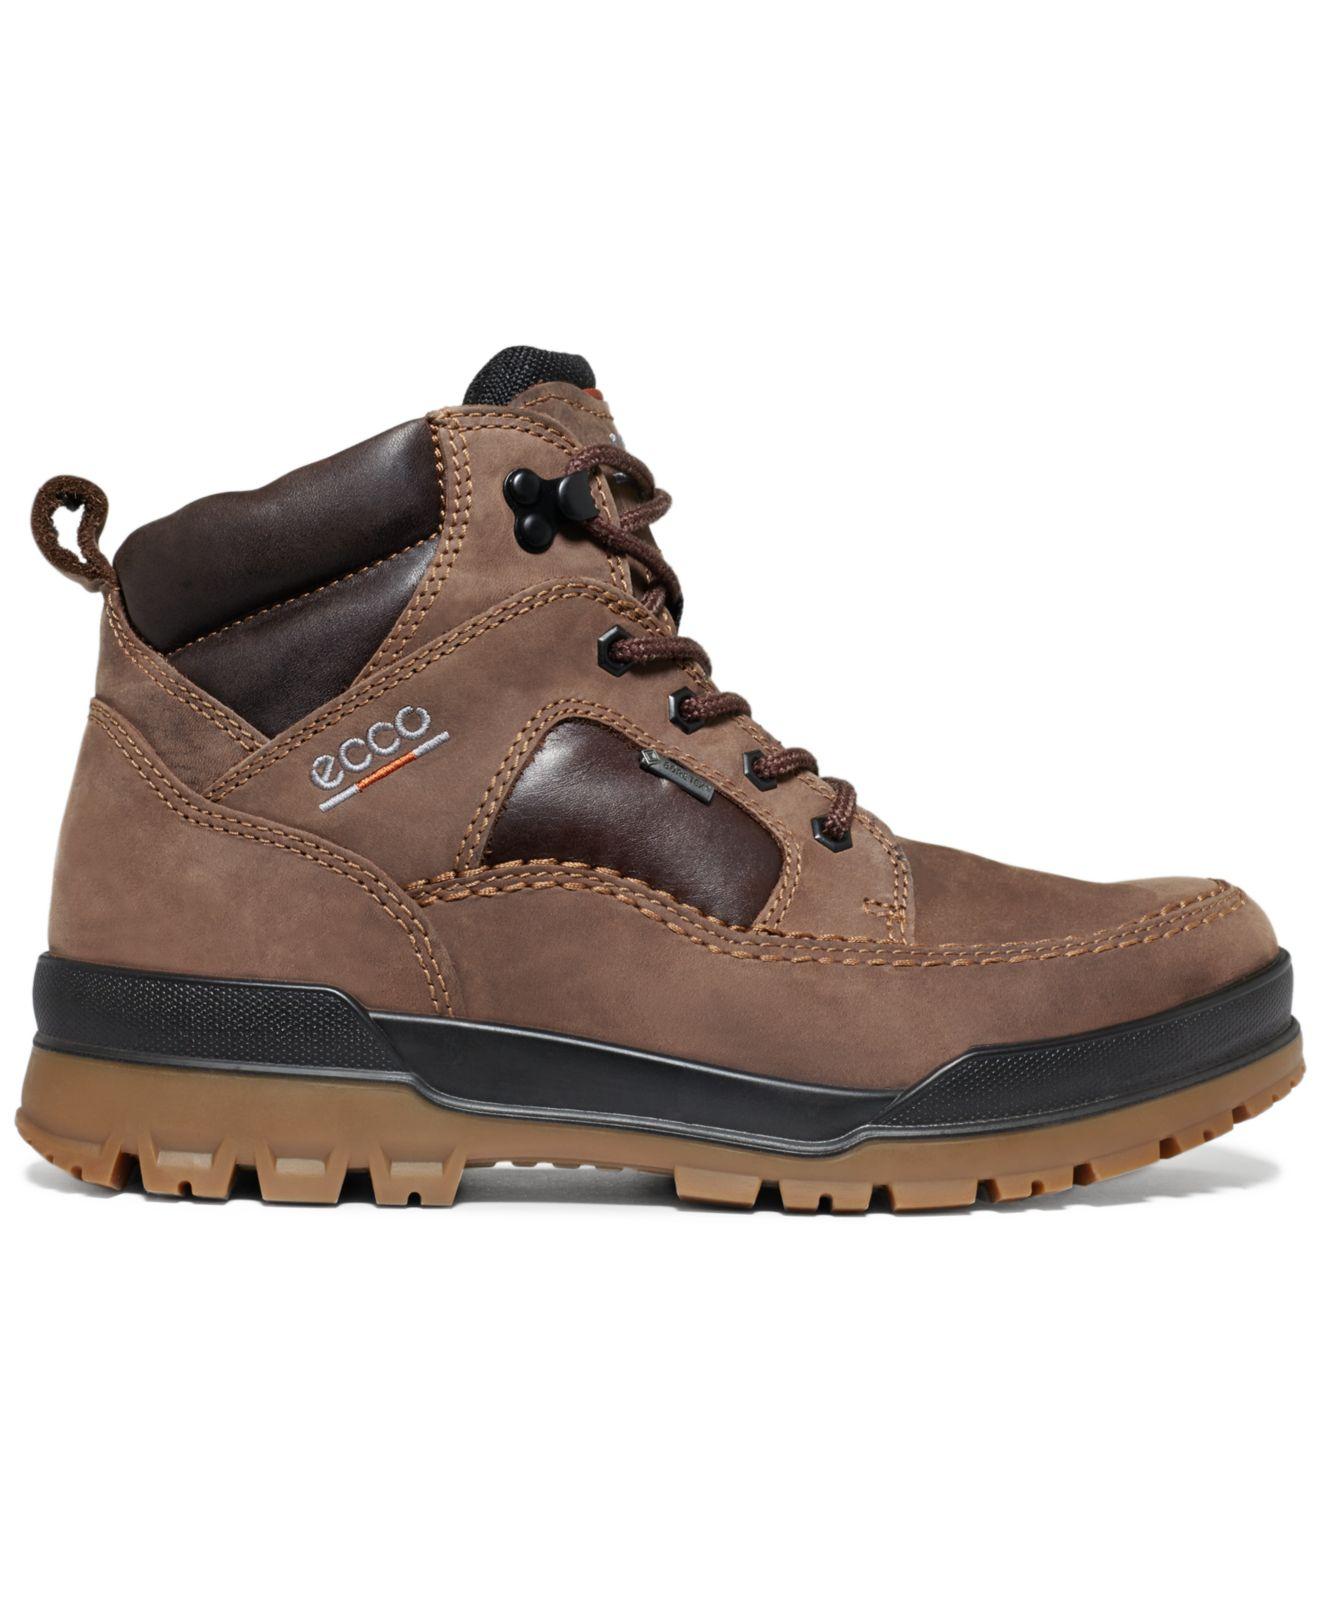 a9e610451f4e1 Ecco Track Vi Gtx Gore-tex Waterproof Boots in Brown for Men - Lyst